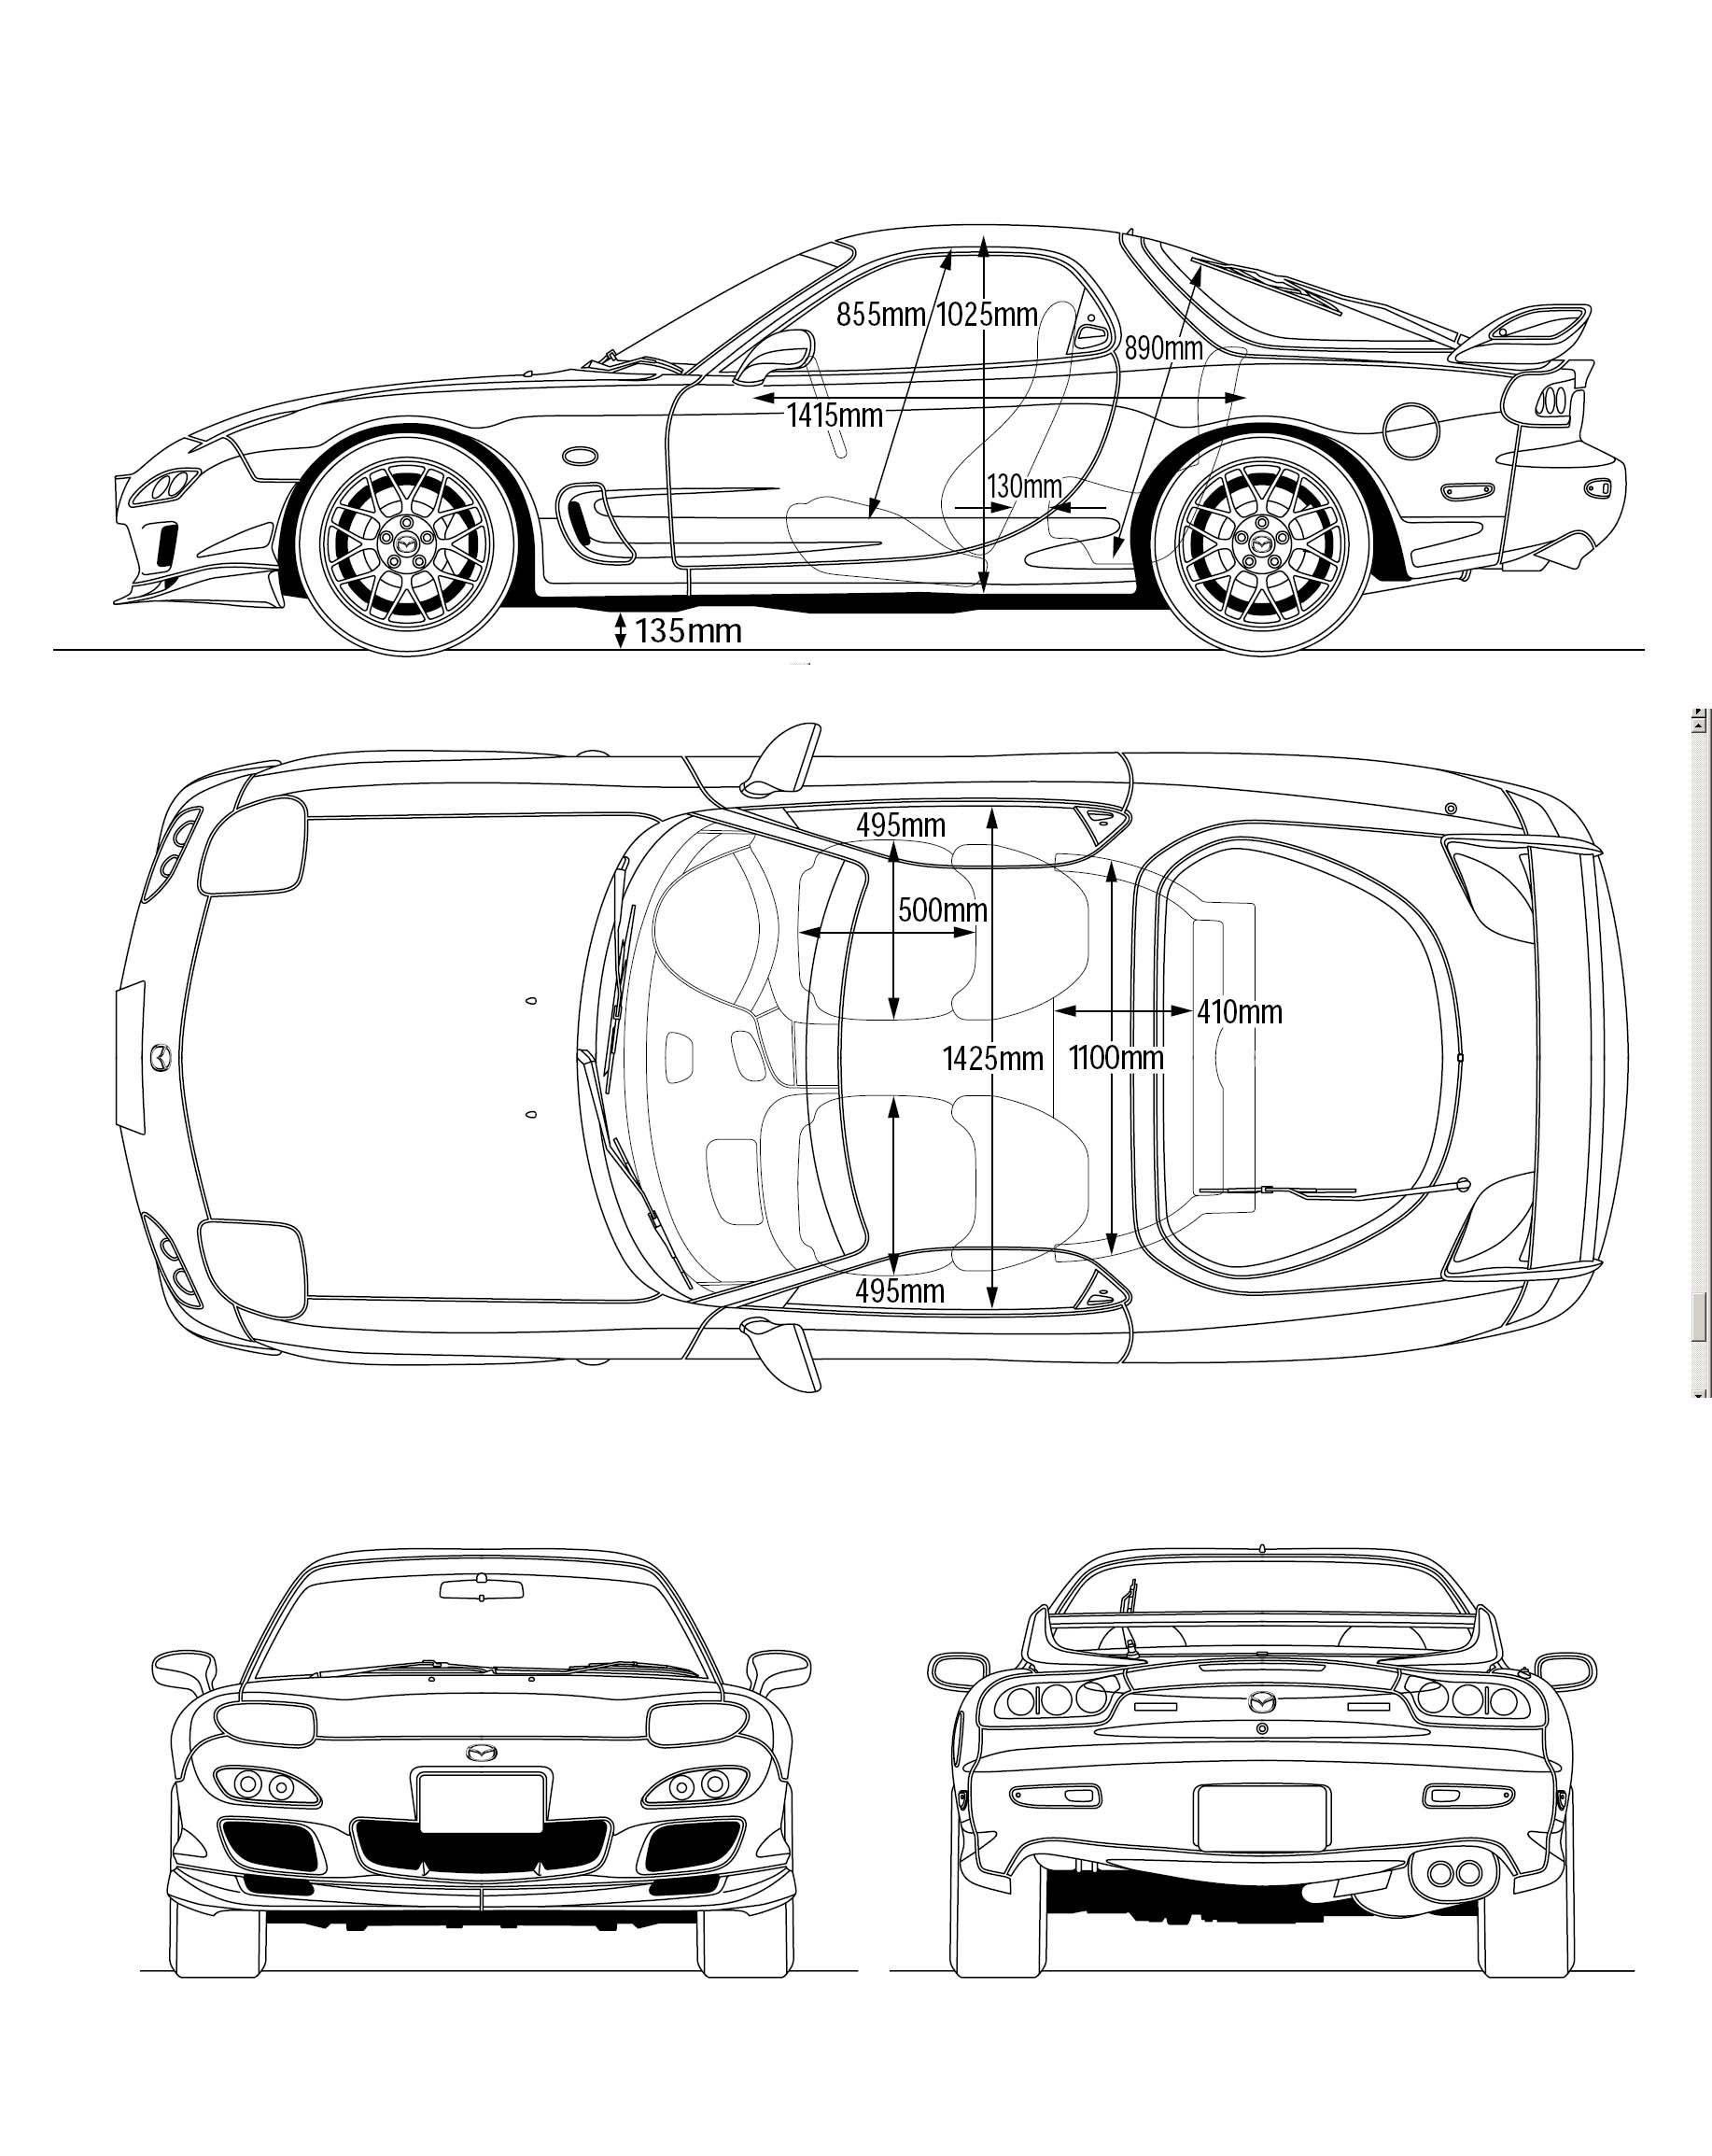 Mazda RX-7 FD blueprint | 车三视图 | Mazda, Jdm cars, Nissan r32